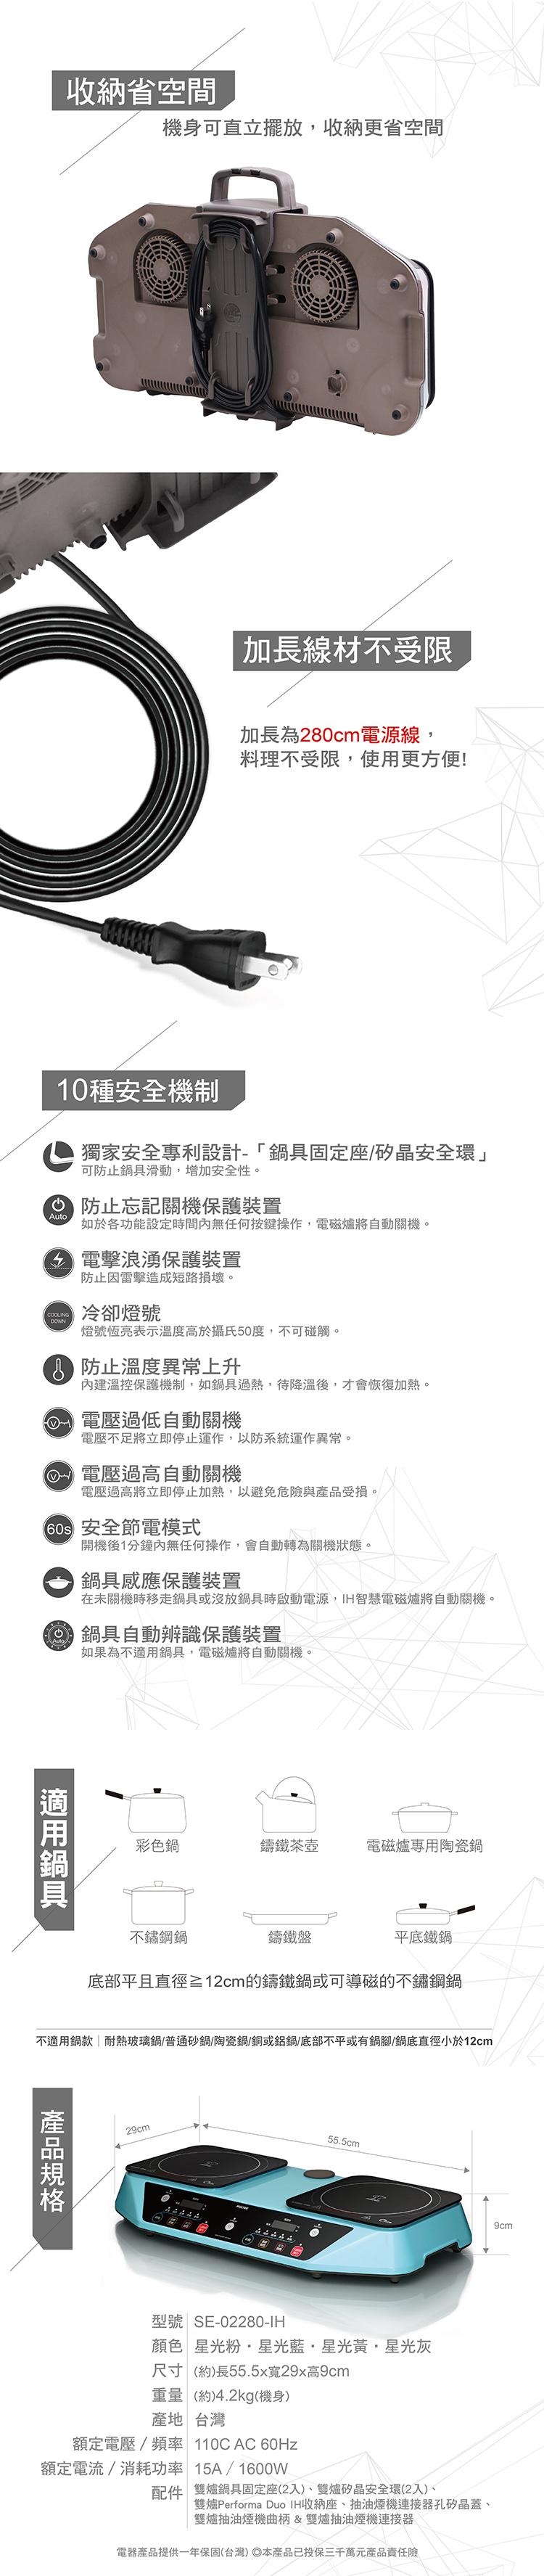 750-雙享爐網頁版-產品介紹+部落客 (5).jpg